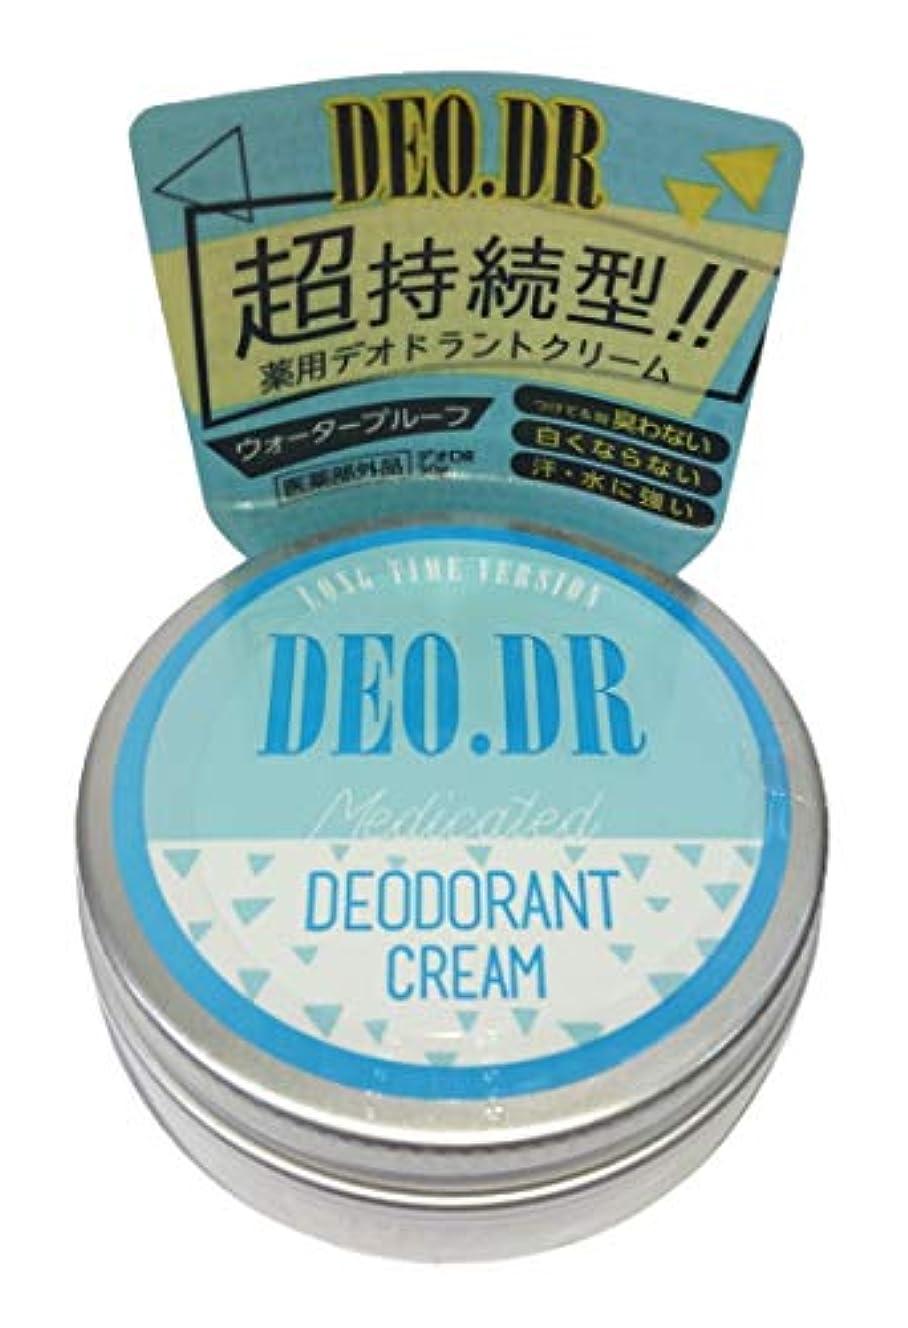 最適履歴書提案デオDR (DEO.DR) 薬用クリーム 【医薬部外品】 2個セット